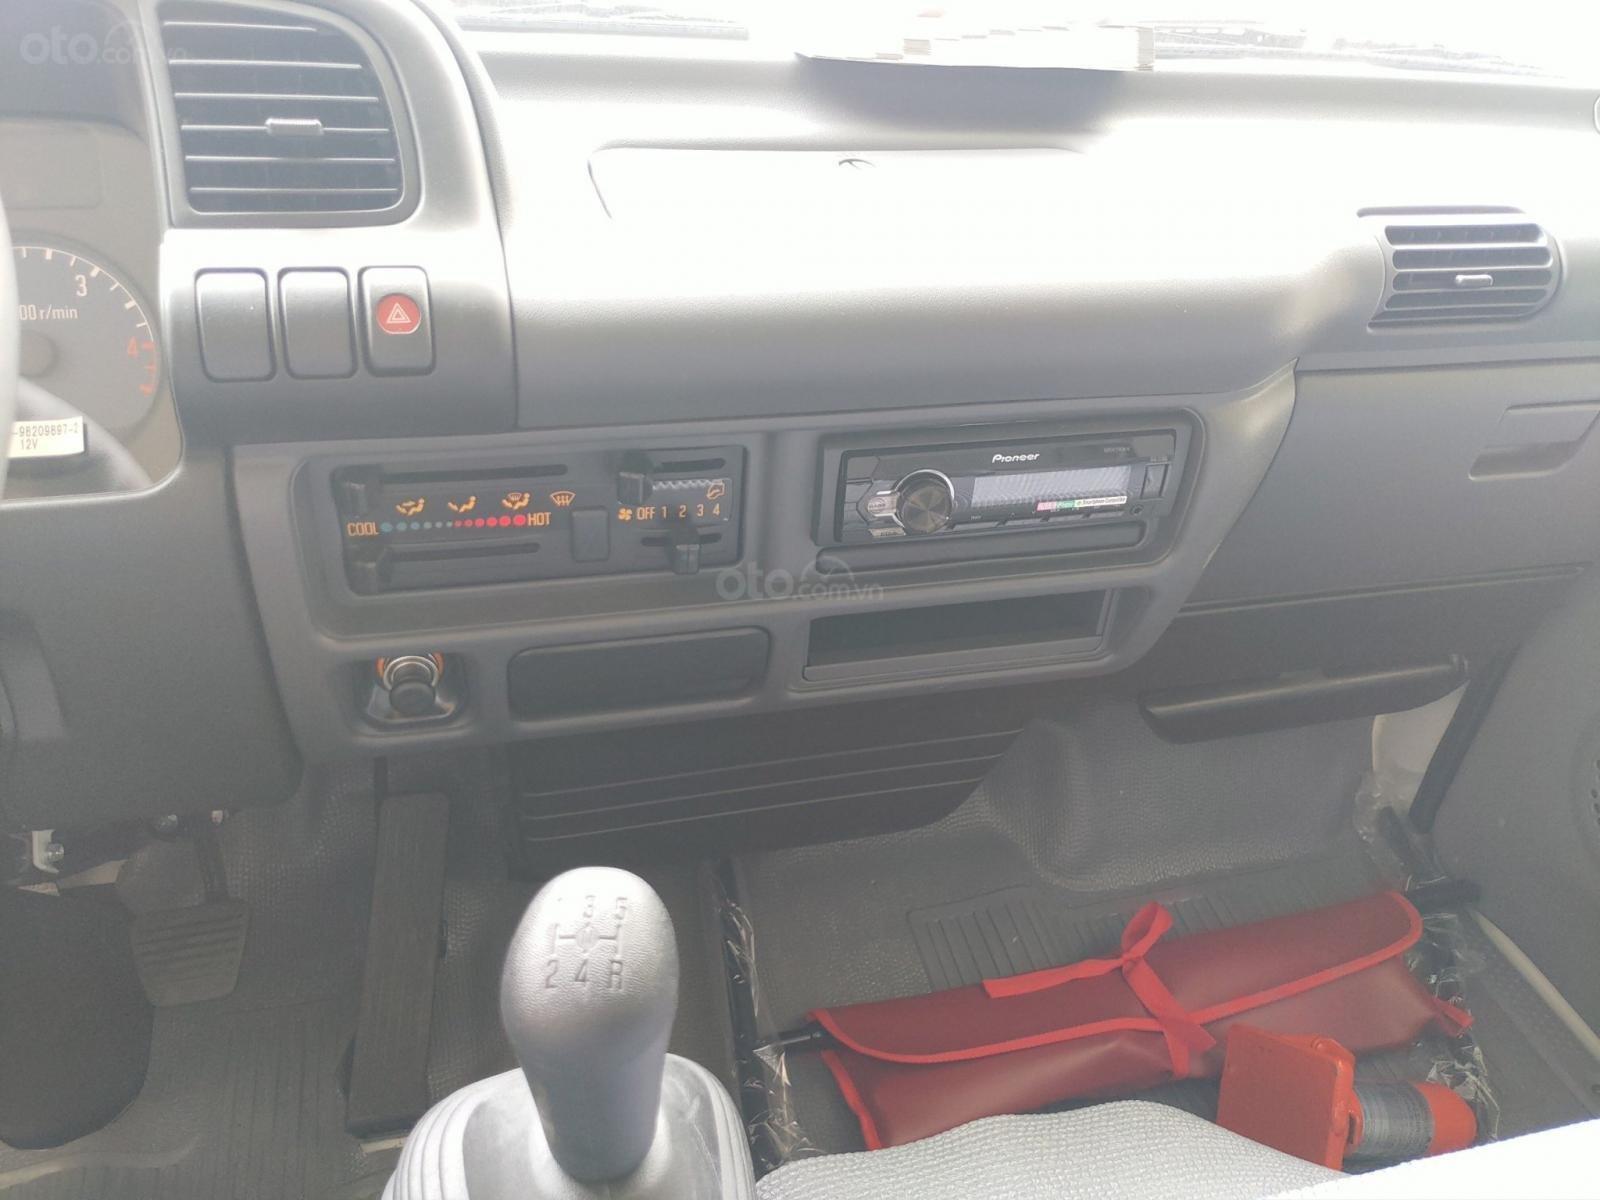 Isuzu 1.99 tấn, KM: 9.4tr tiền mặt, máy lạnh, 12 phiếu bảo dưỡng, radio MP3 (4)